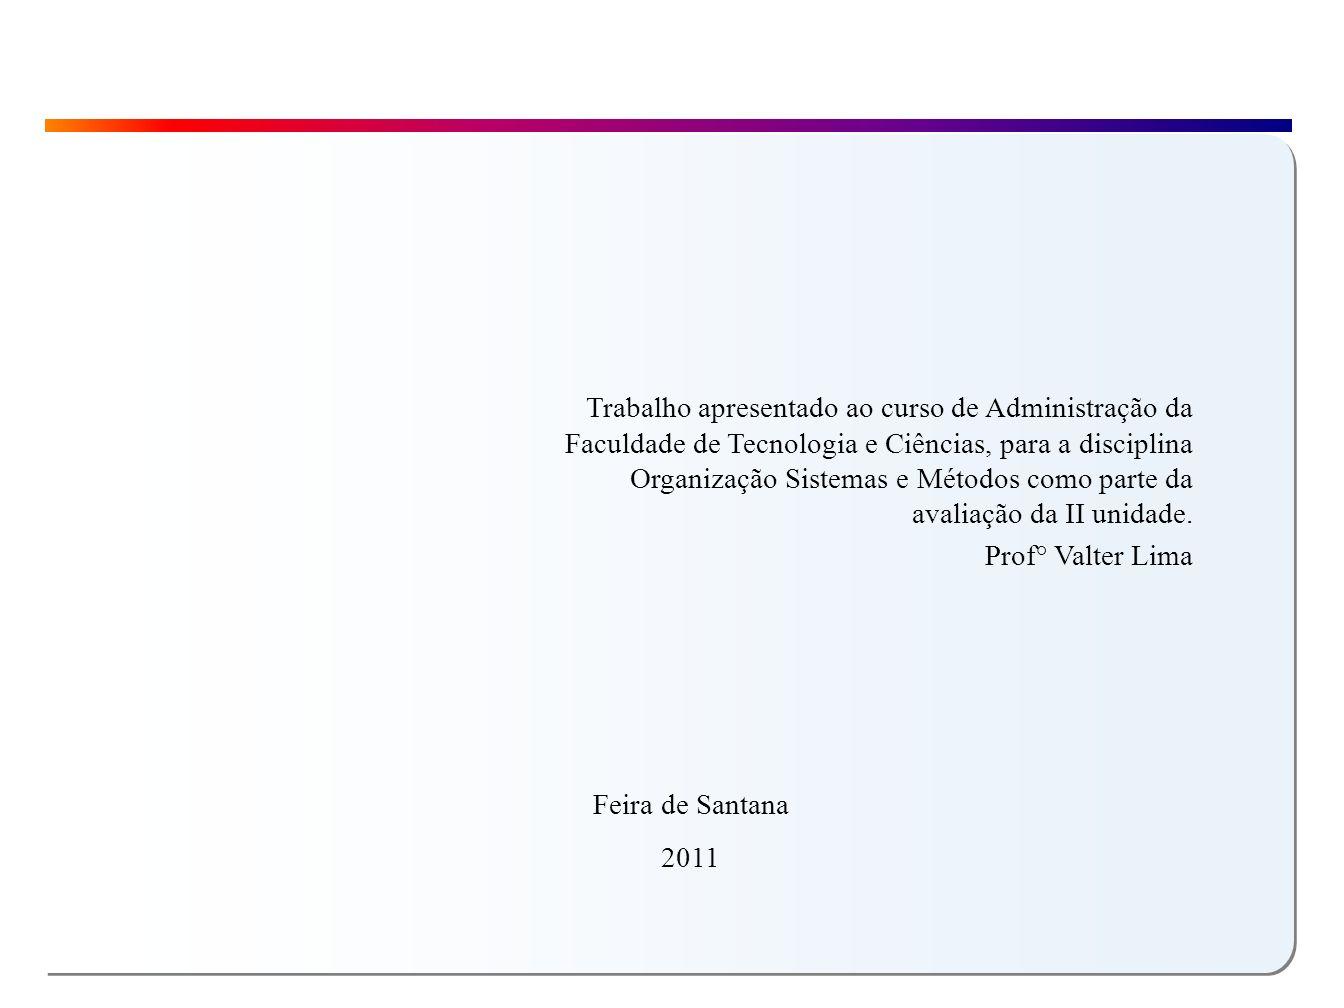 Trabalho apresentado ao curso de Administração da Faculdade de Tecnologia e Ciências, para a disciplina Organização Sistemas e Métodos como parte da avaliação da II unidade.